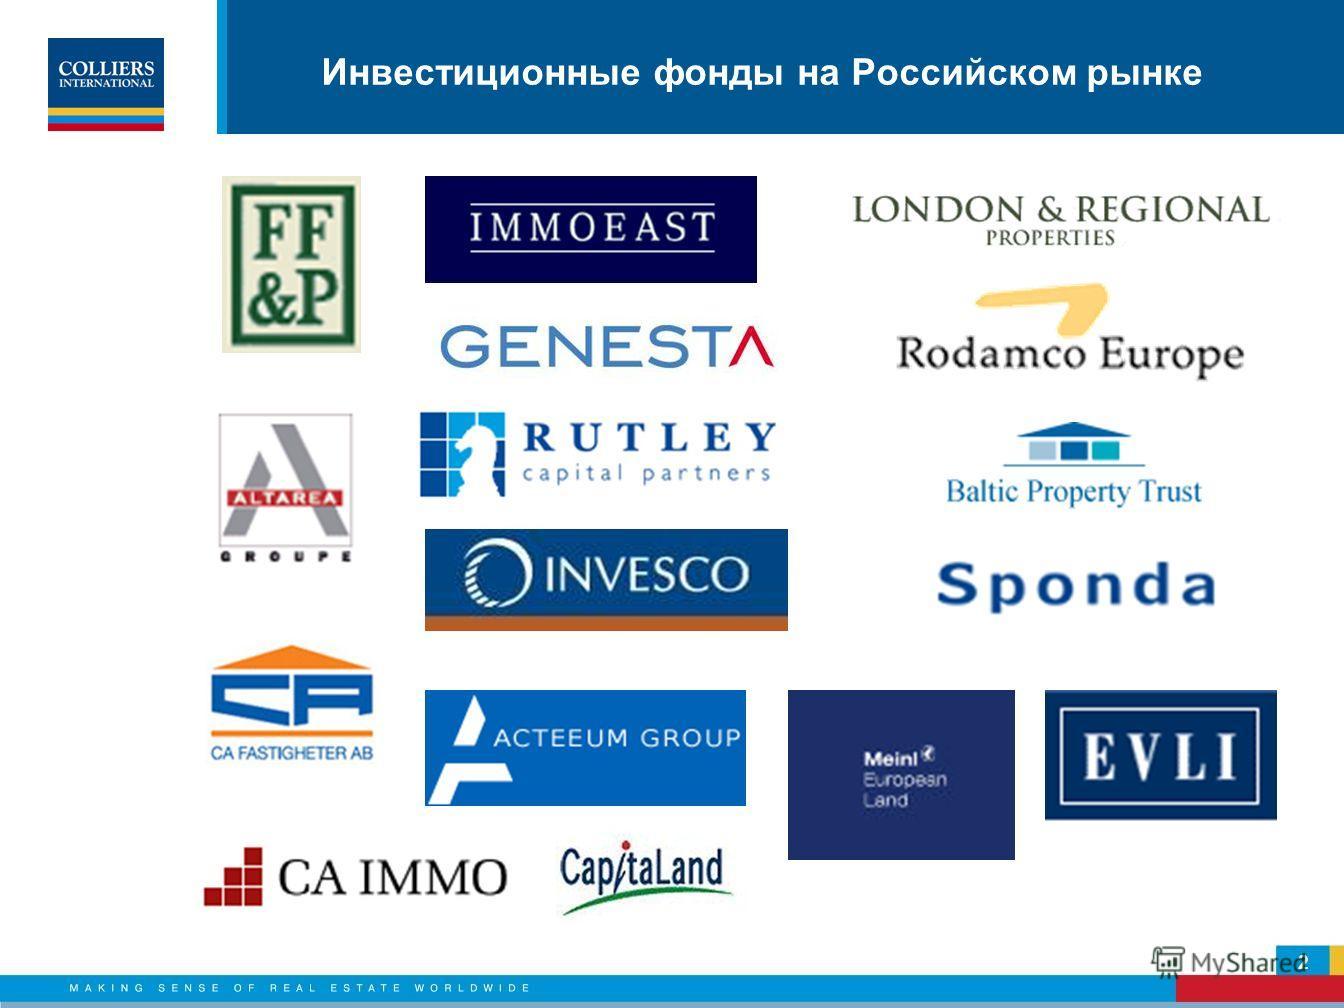 Инвестиционные фонды на Российском рынке 2